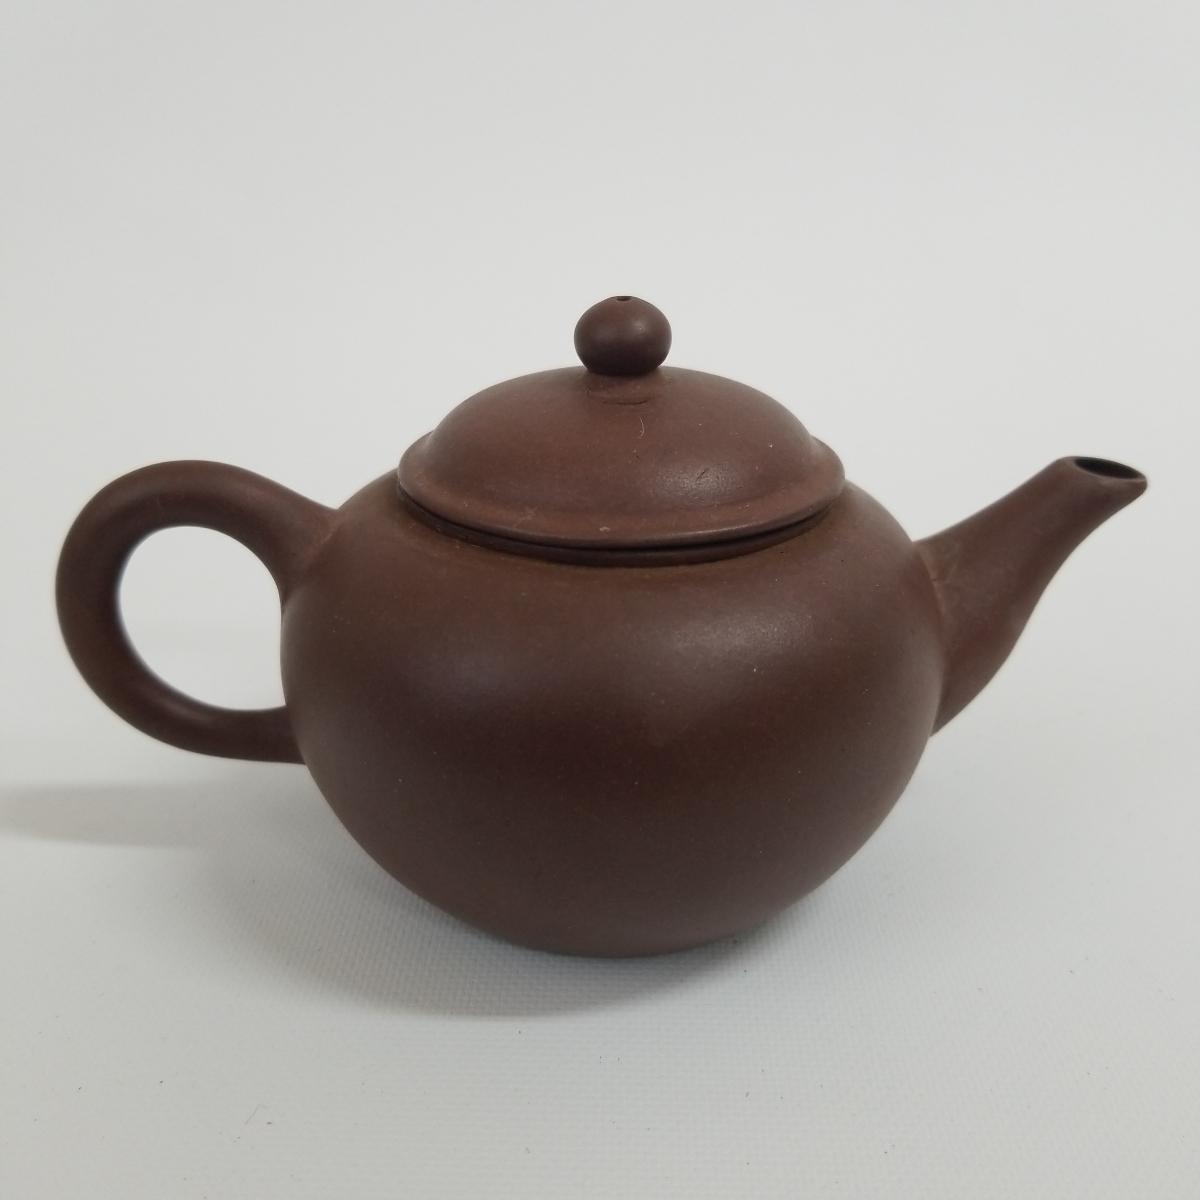 朱泥急須 中国古玩 中国宜興 紫砂 朱泥 水平 煎茶道具